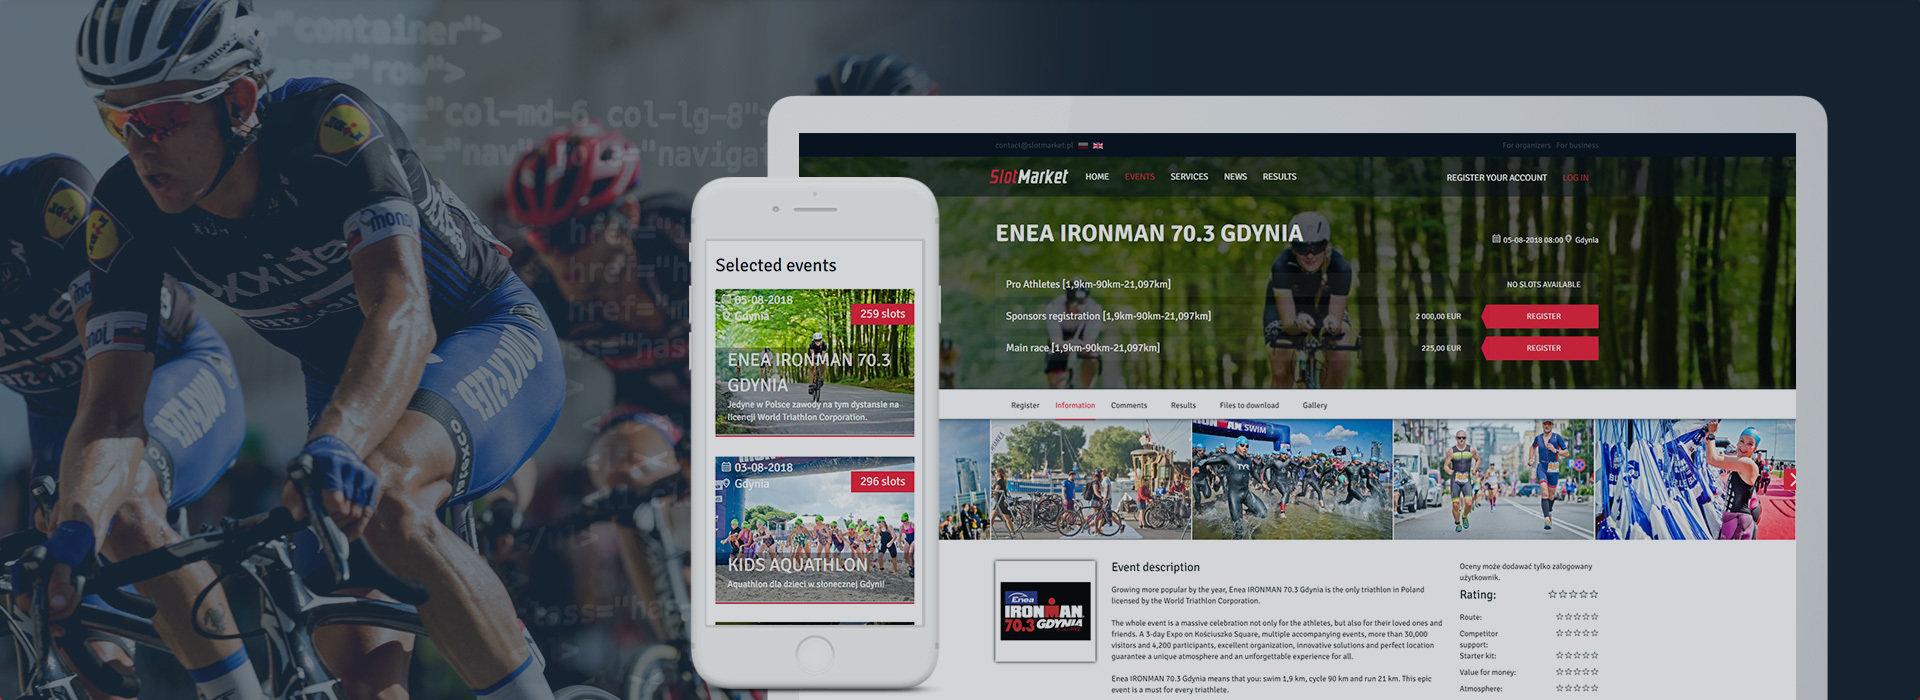 Slotmarket.pl - PHP sprawniejsze od Javy... :)